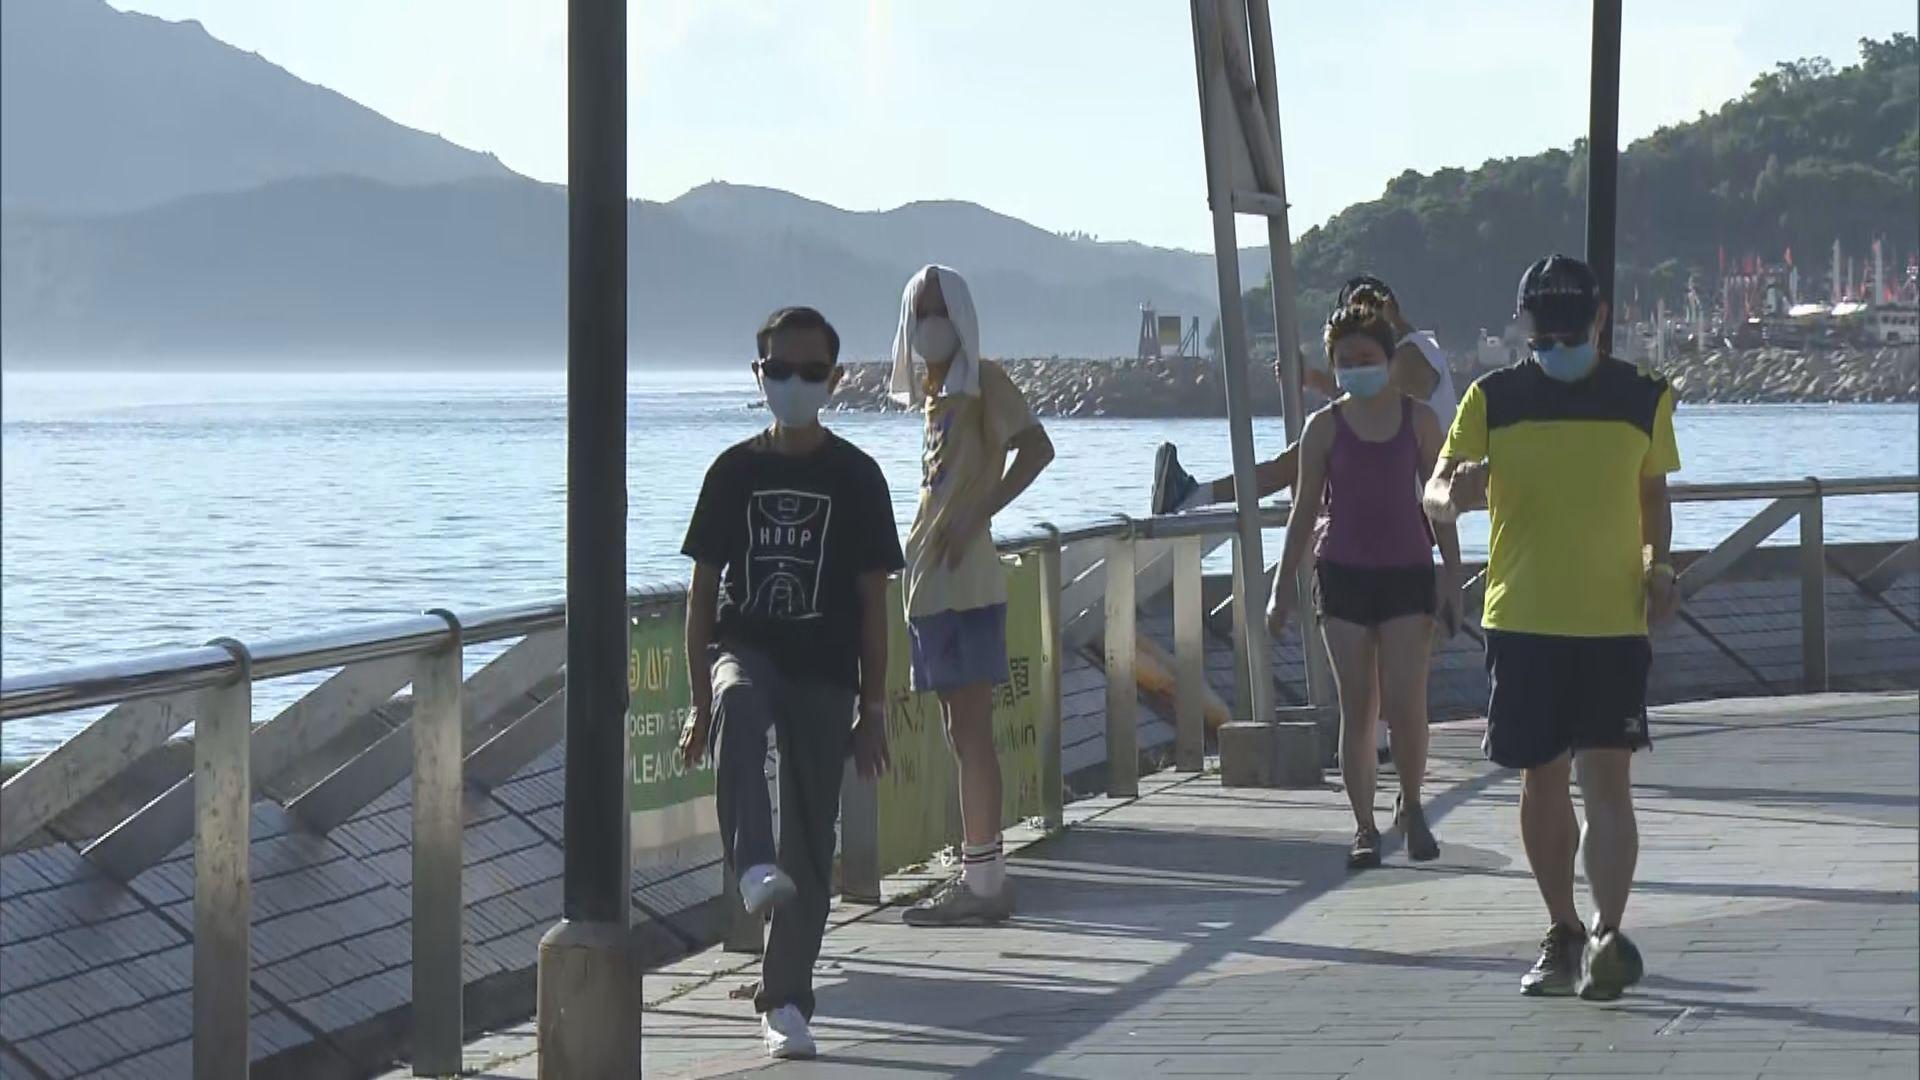 室外強制戴口罩規例生效 有市民表示理解新措施